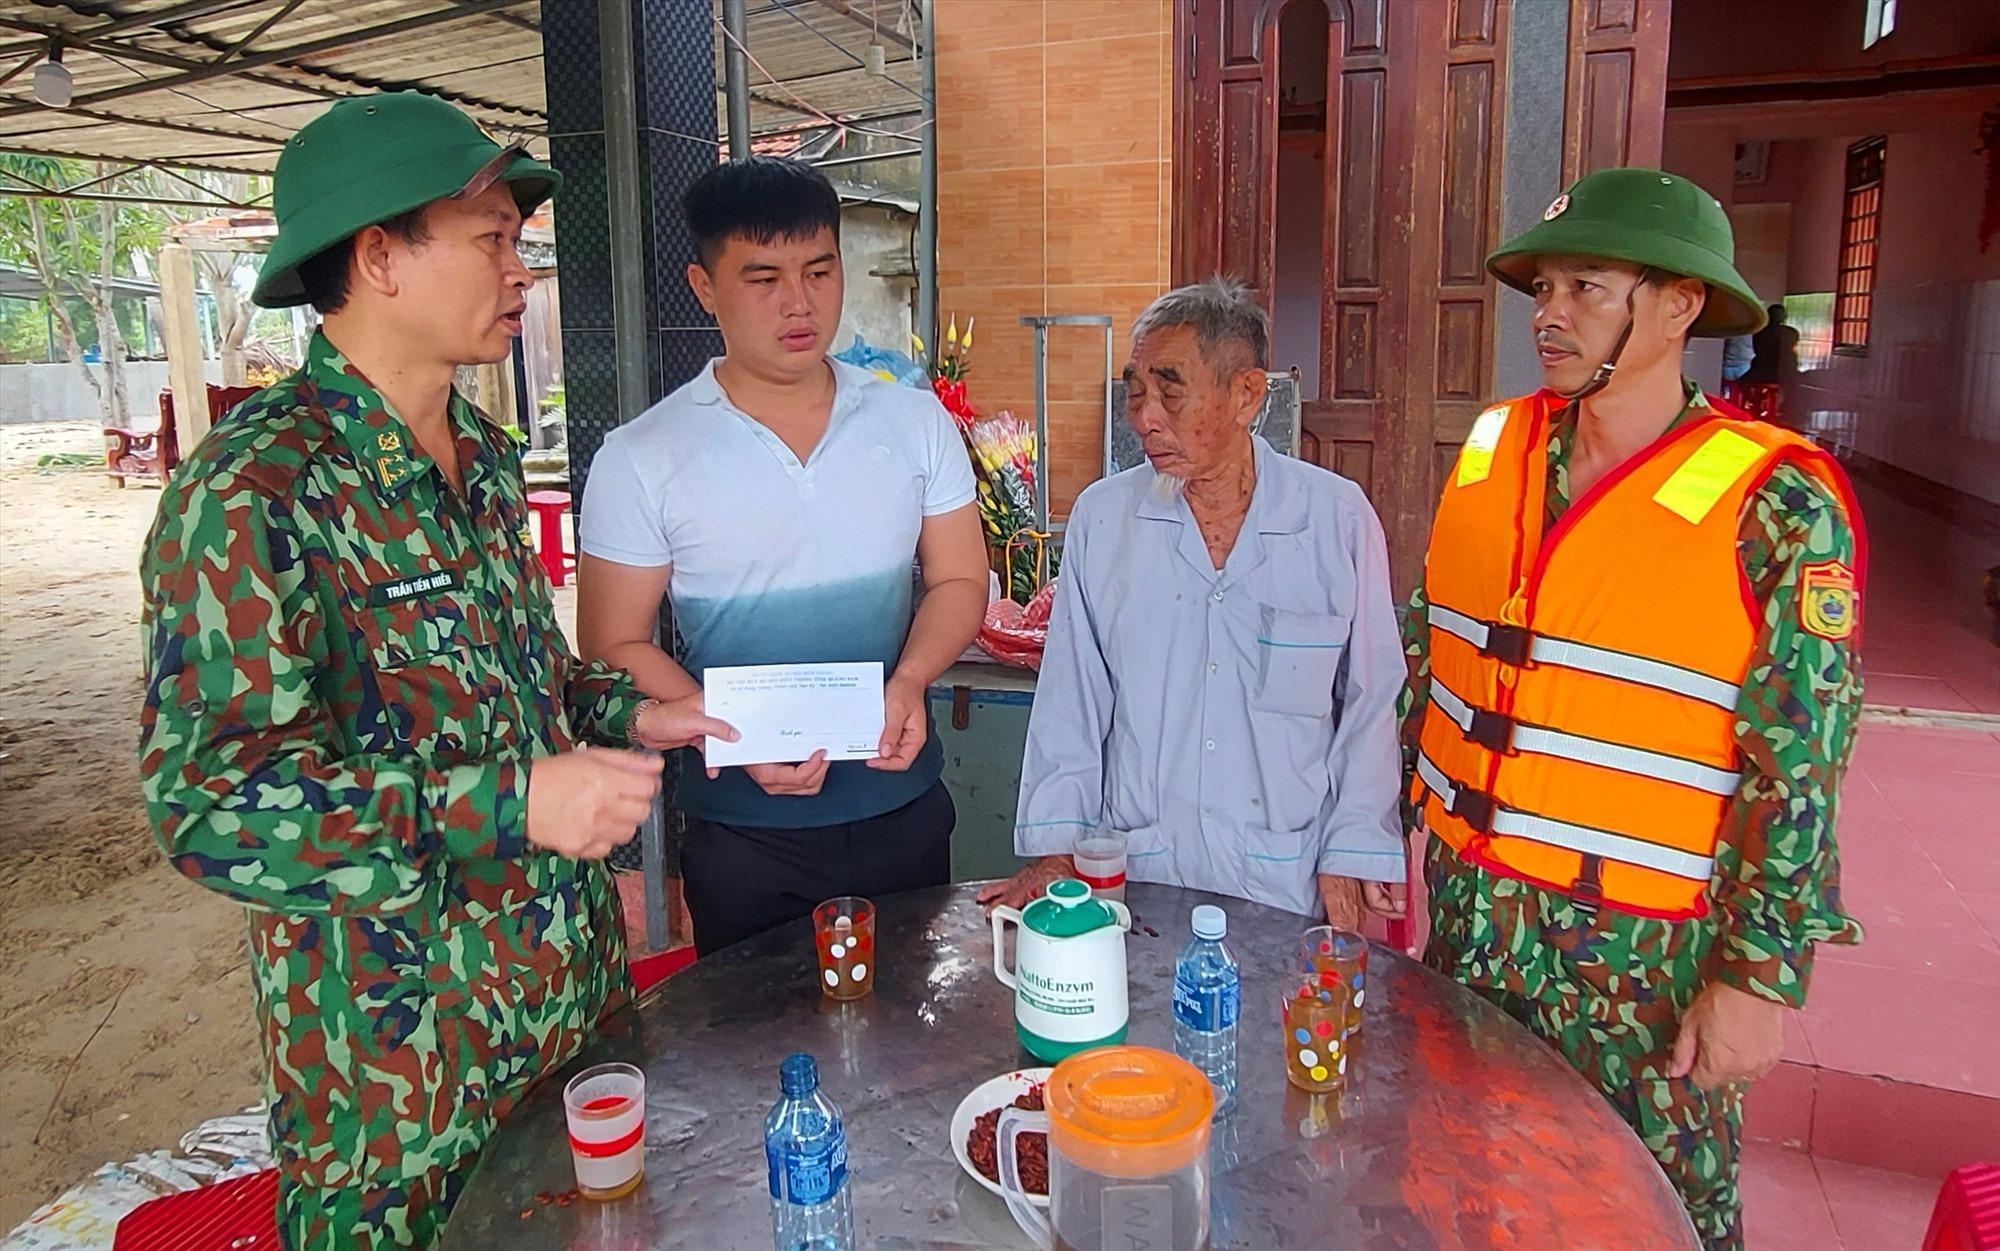 Đại tá Trần Tiến Hiền – Phó Chỉ huy trưởng BĐBP tỉnh trao tiền hỗ trợ cho gia đình ông Nguyễn Diệp. Ảnh: HỒNG ANH